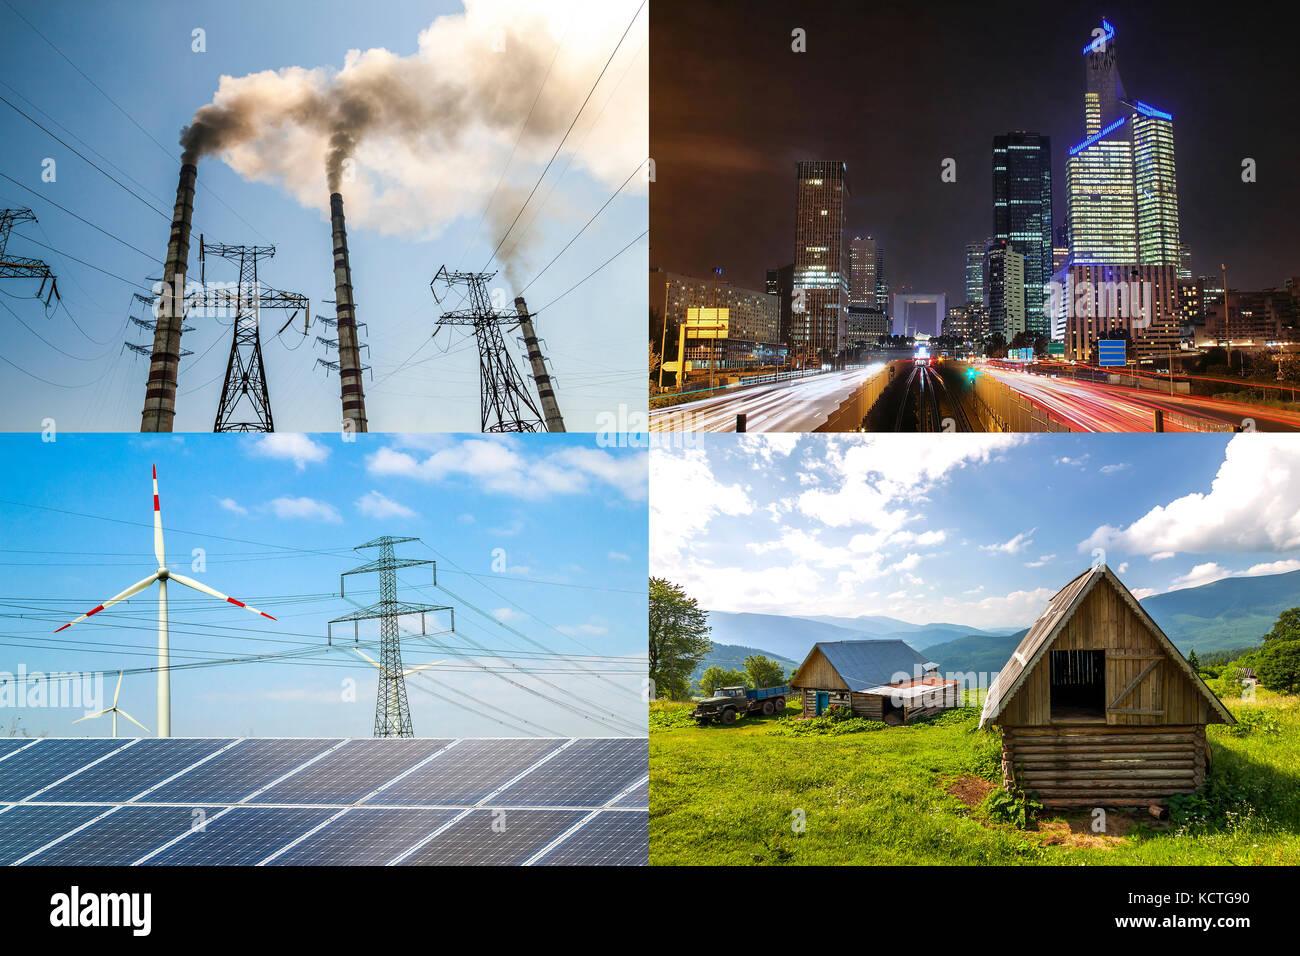 RENEWABLE & GREEN ENERGY